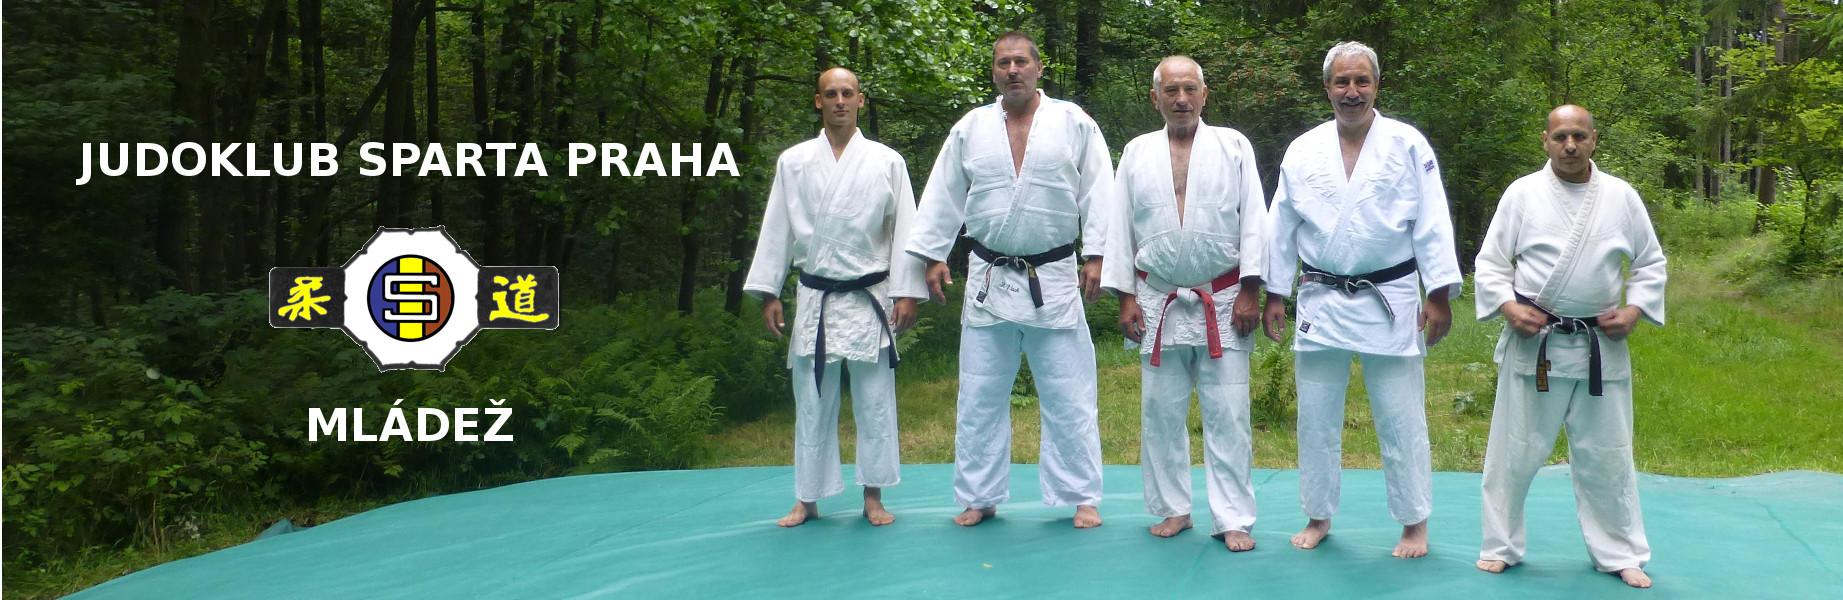 Judoklub Sparta Praha – mládež